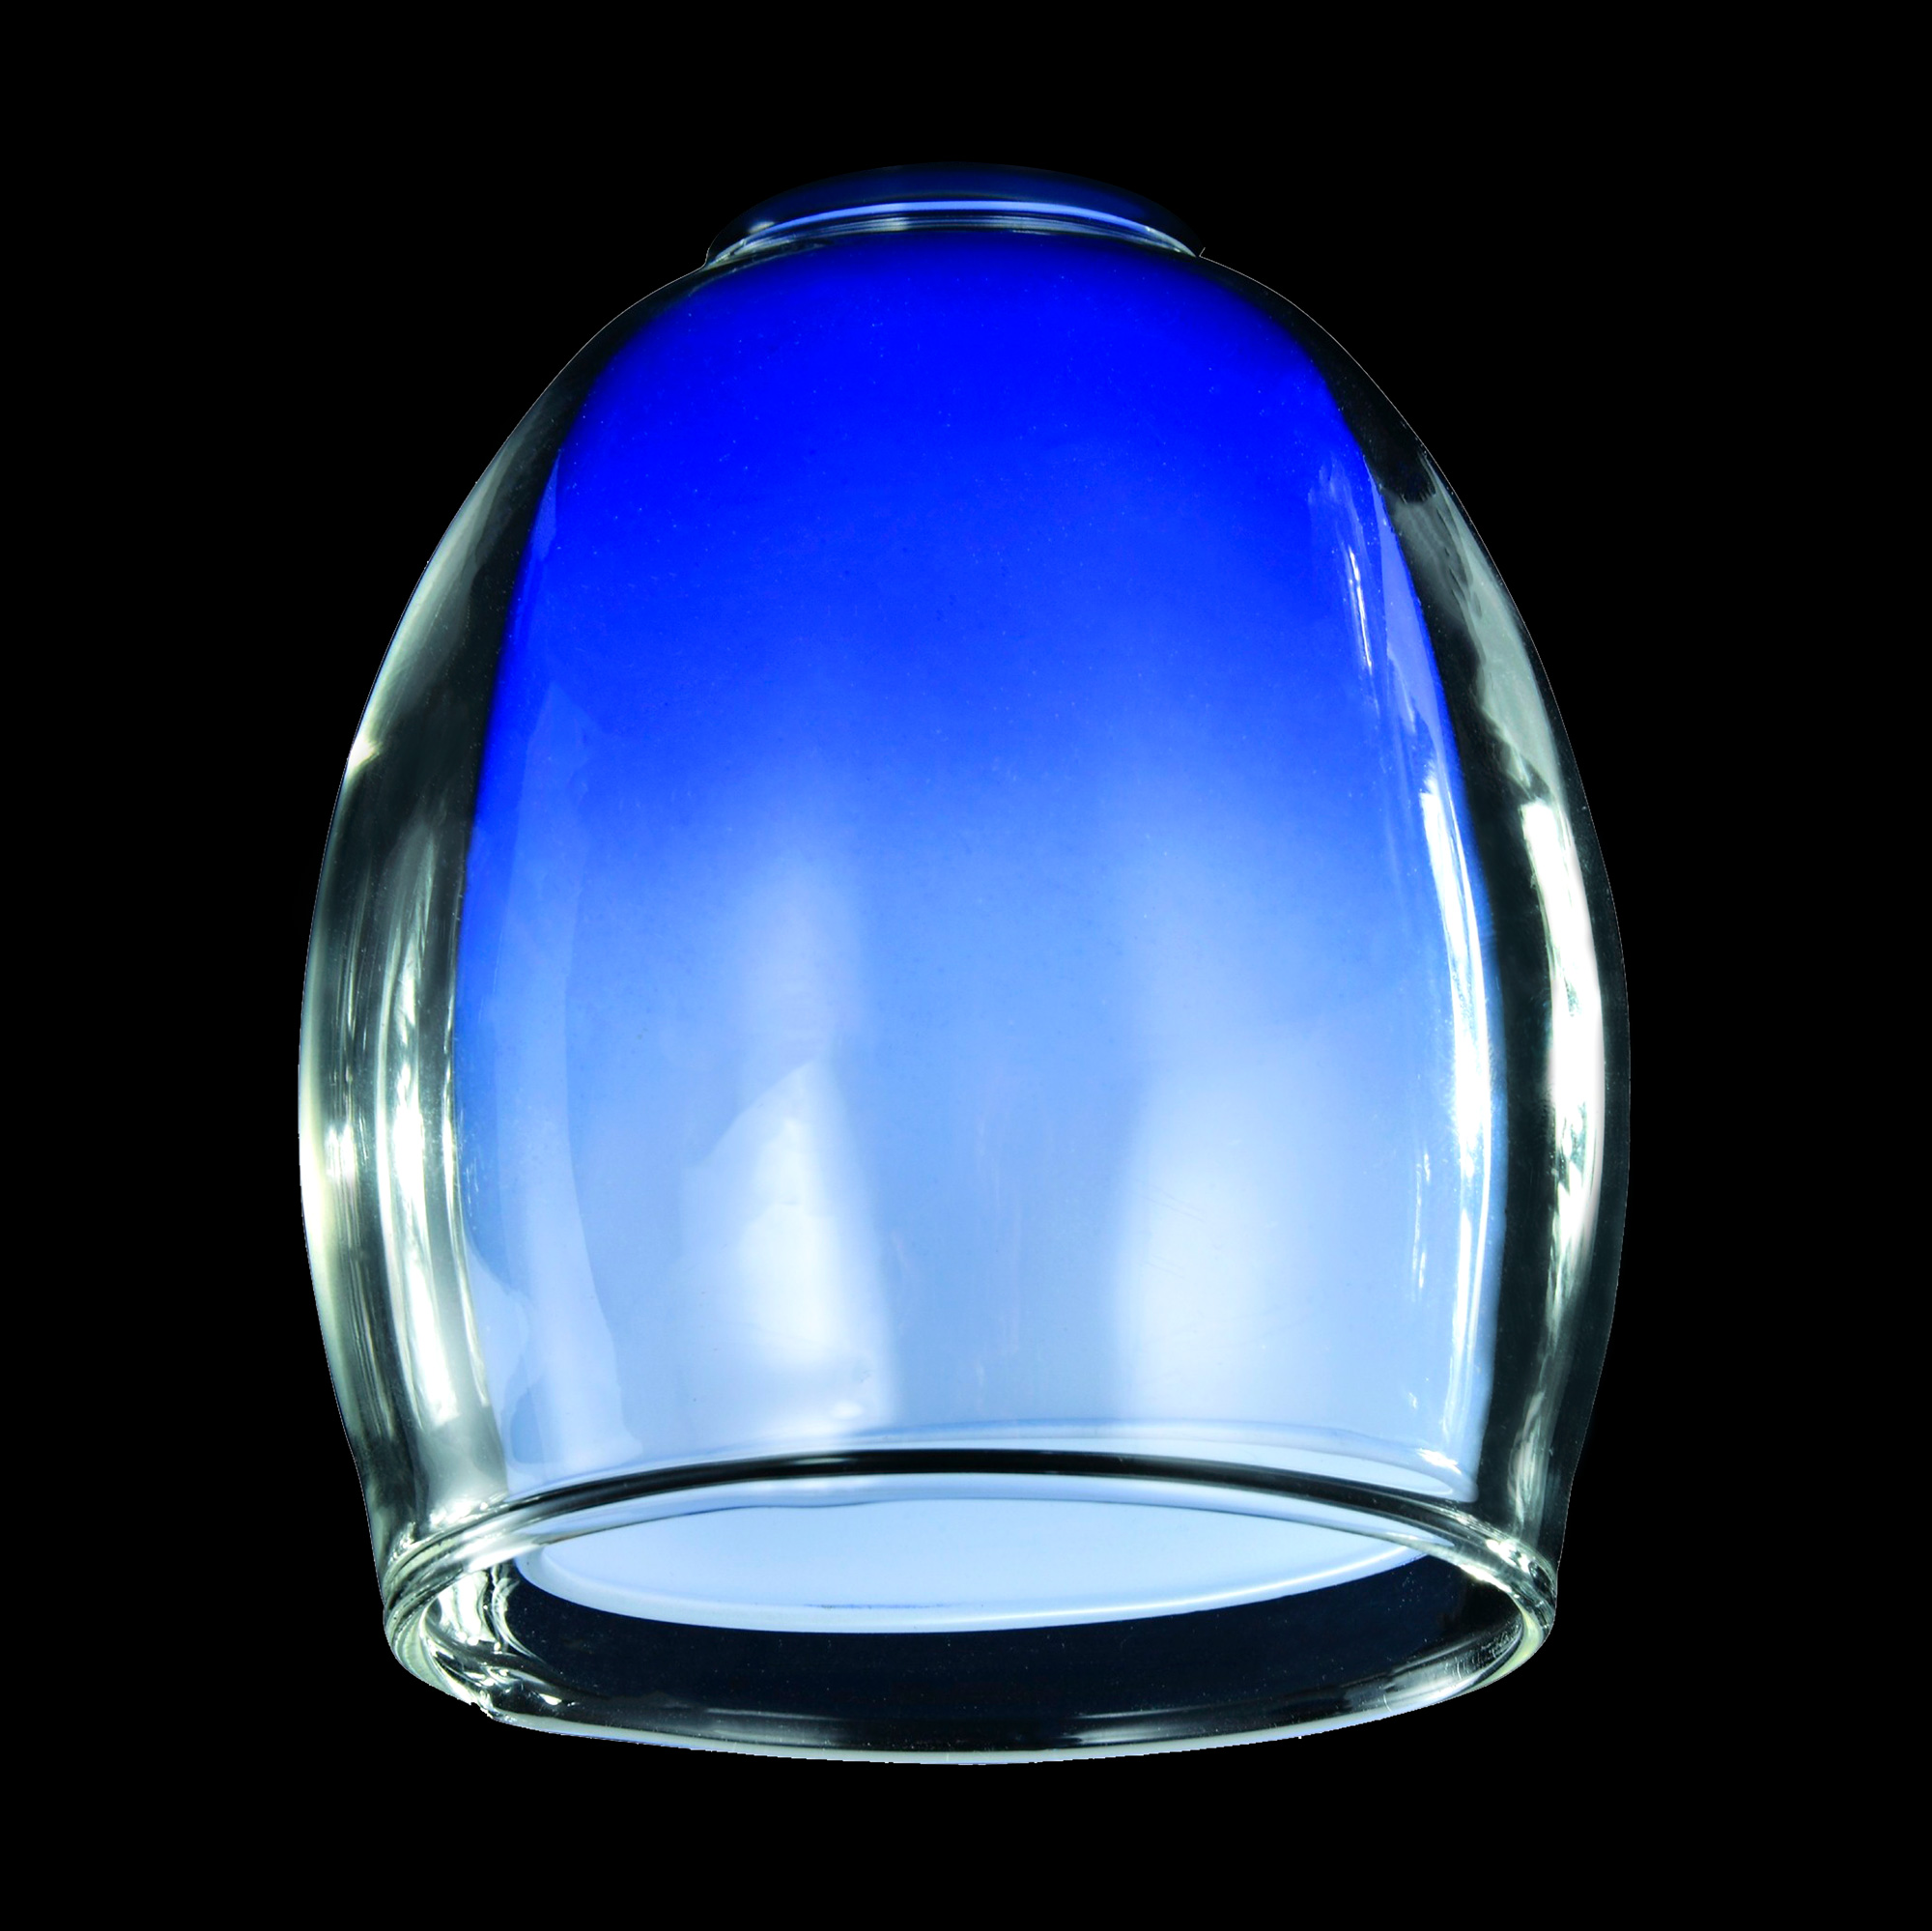 Плафон для светильников 9808 70434 синий